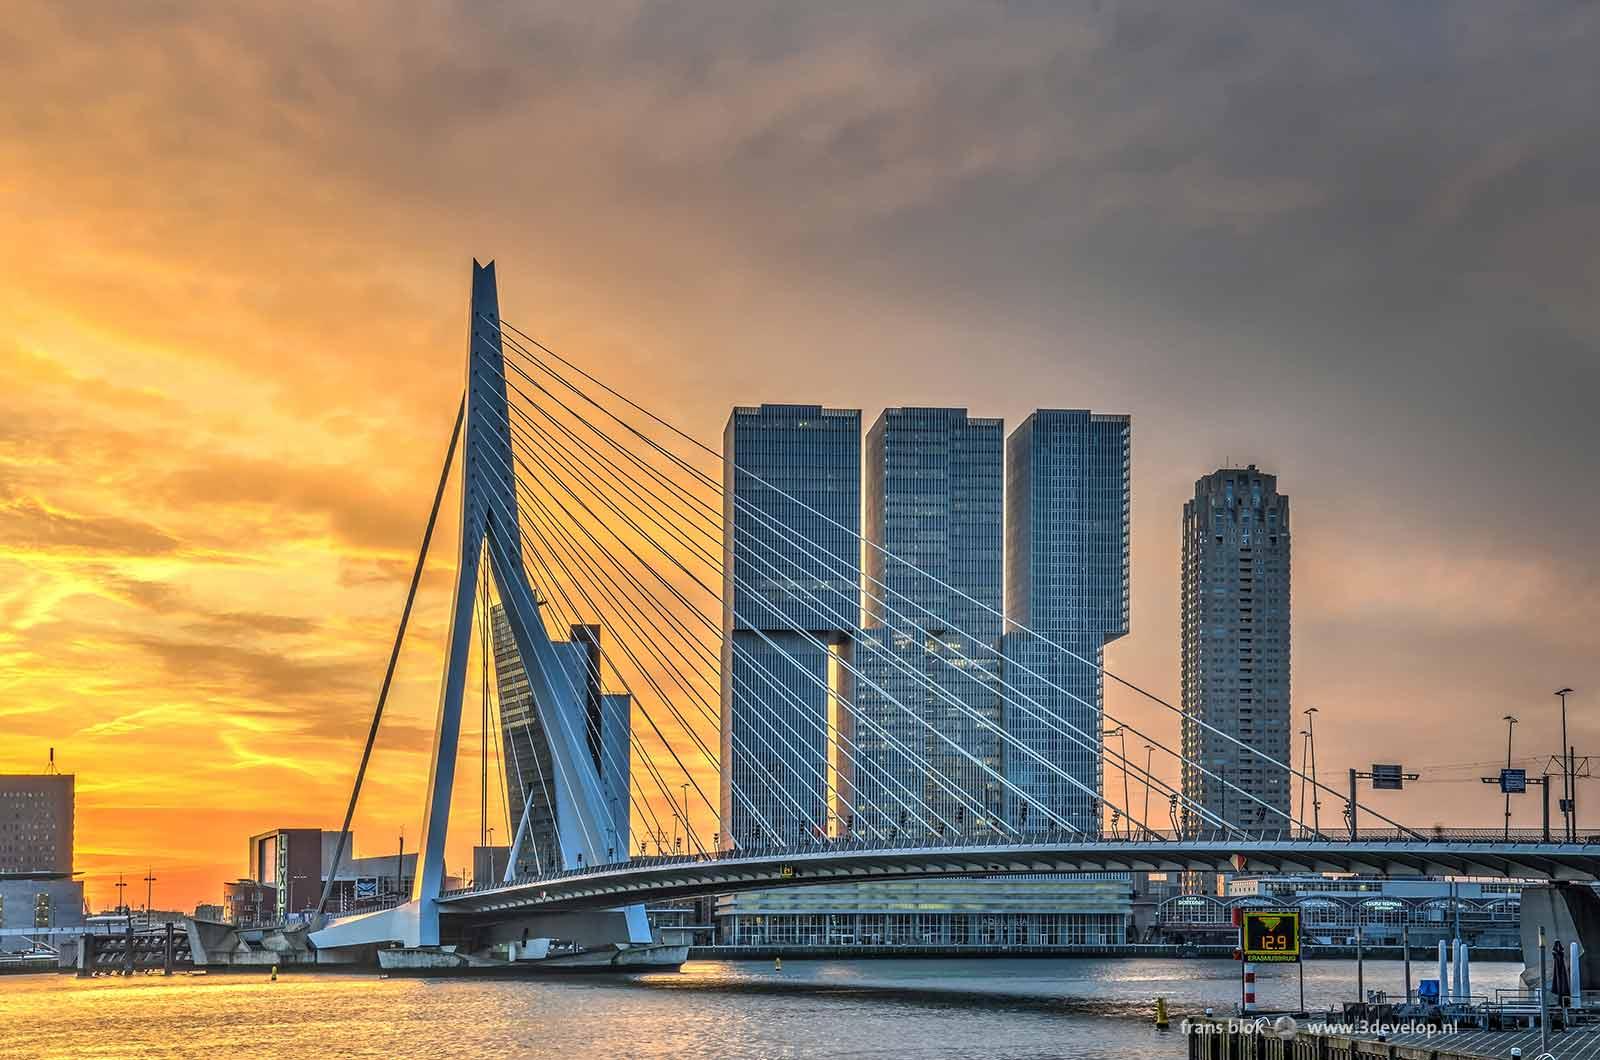 De lucht kleur geel tijdens een zonsopkomst boven de Erasmusbrug, de Nieuwe Maas en de Kop van Zuid in Rotterdam